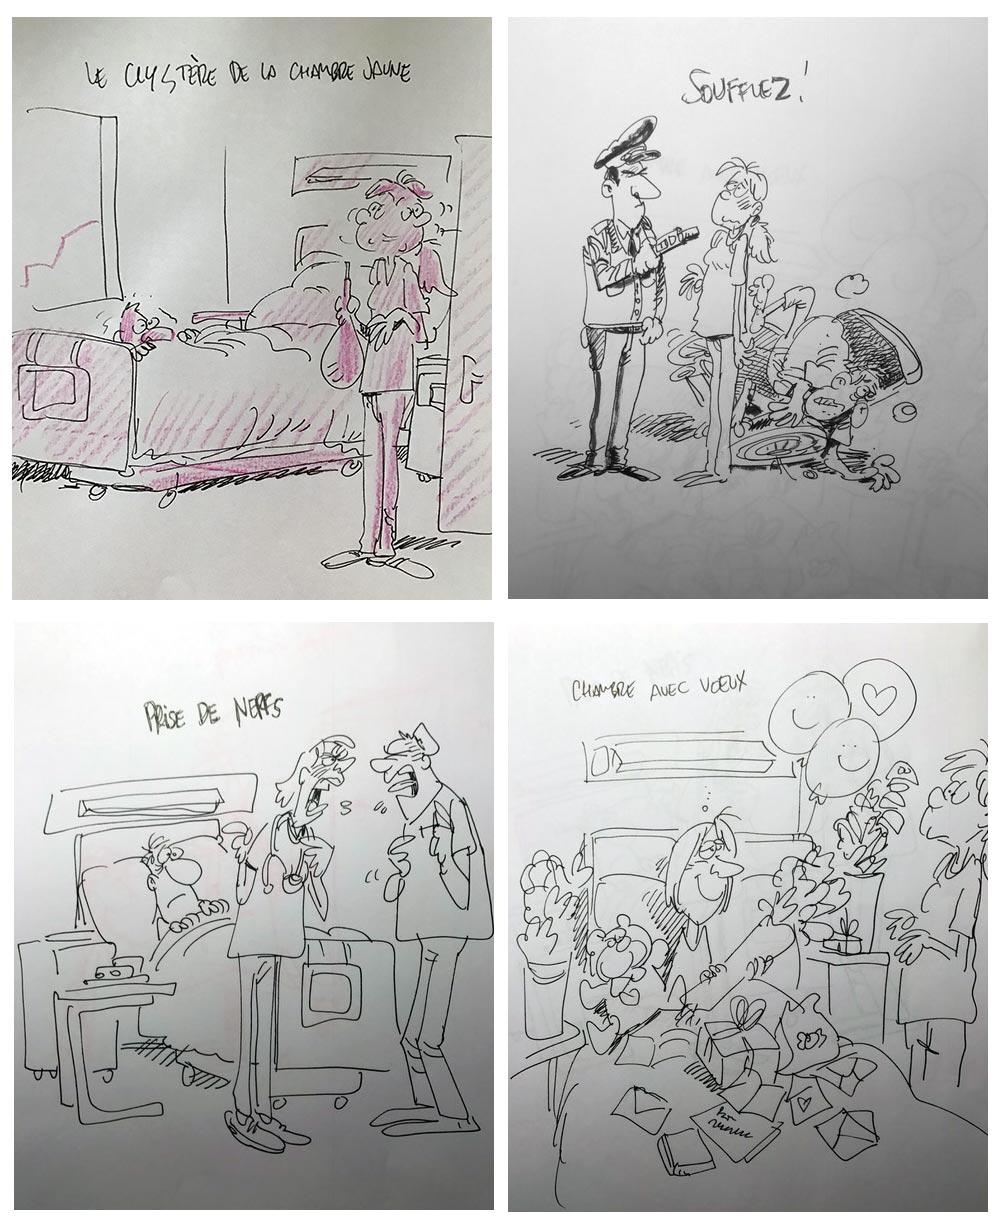 Spirou Point Com Le Laboratoire Ultramoderne D Humour Webdomadaire Le Blog A Raoul Cauvin